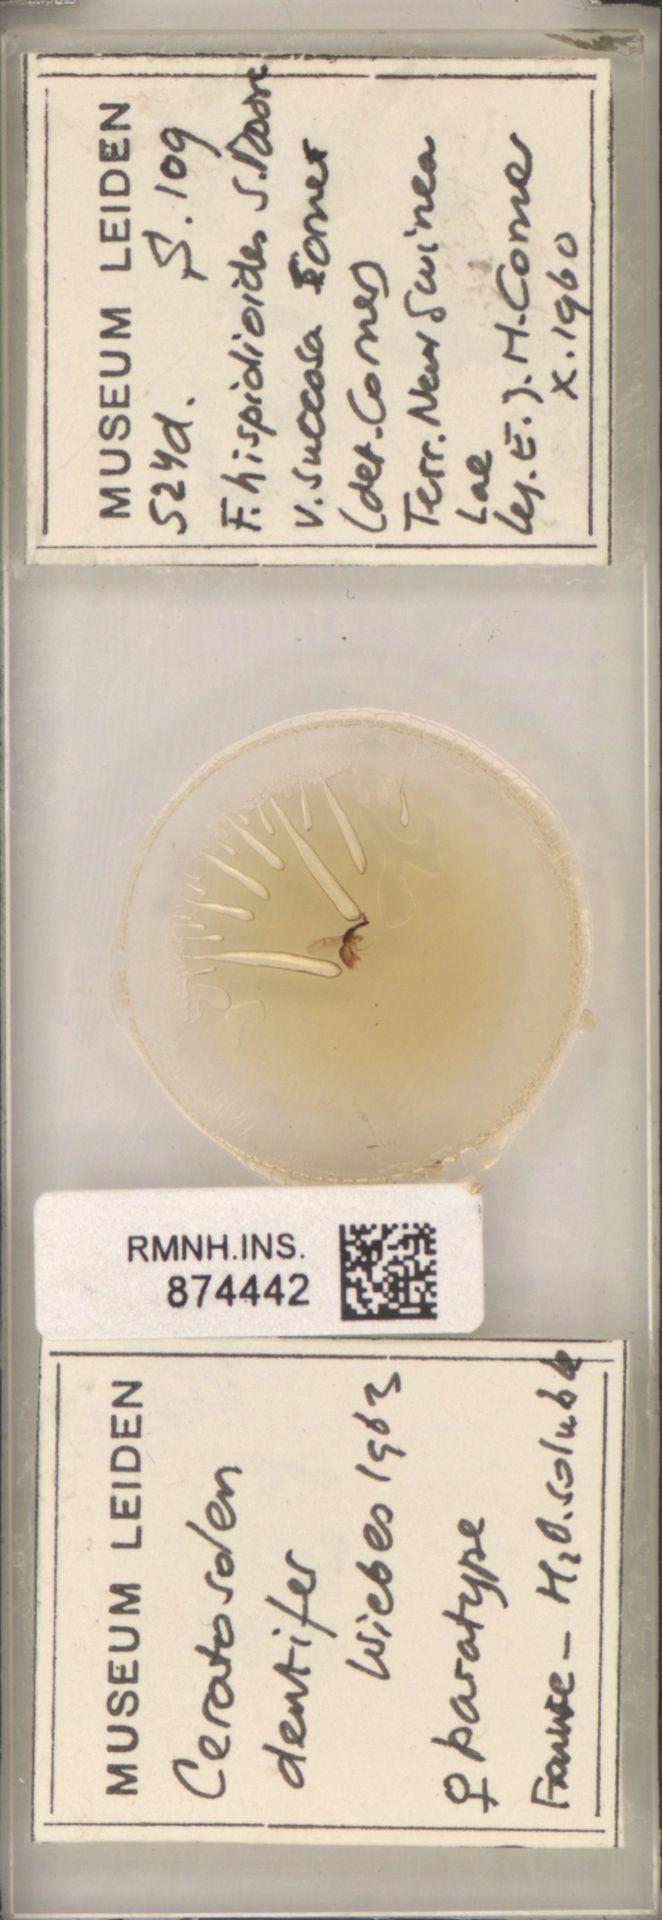 RMNH.INS.874442 | Ceratosolen dentifer Wiebes, 1963